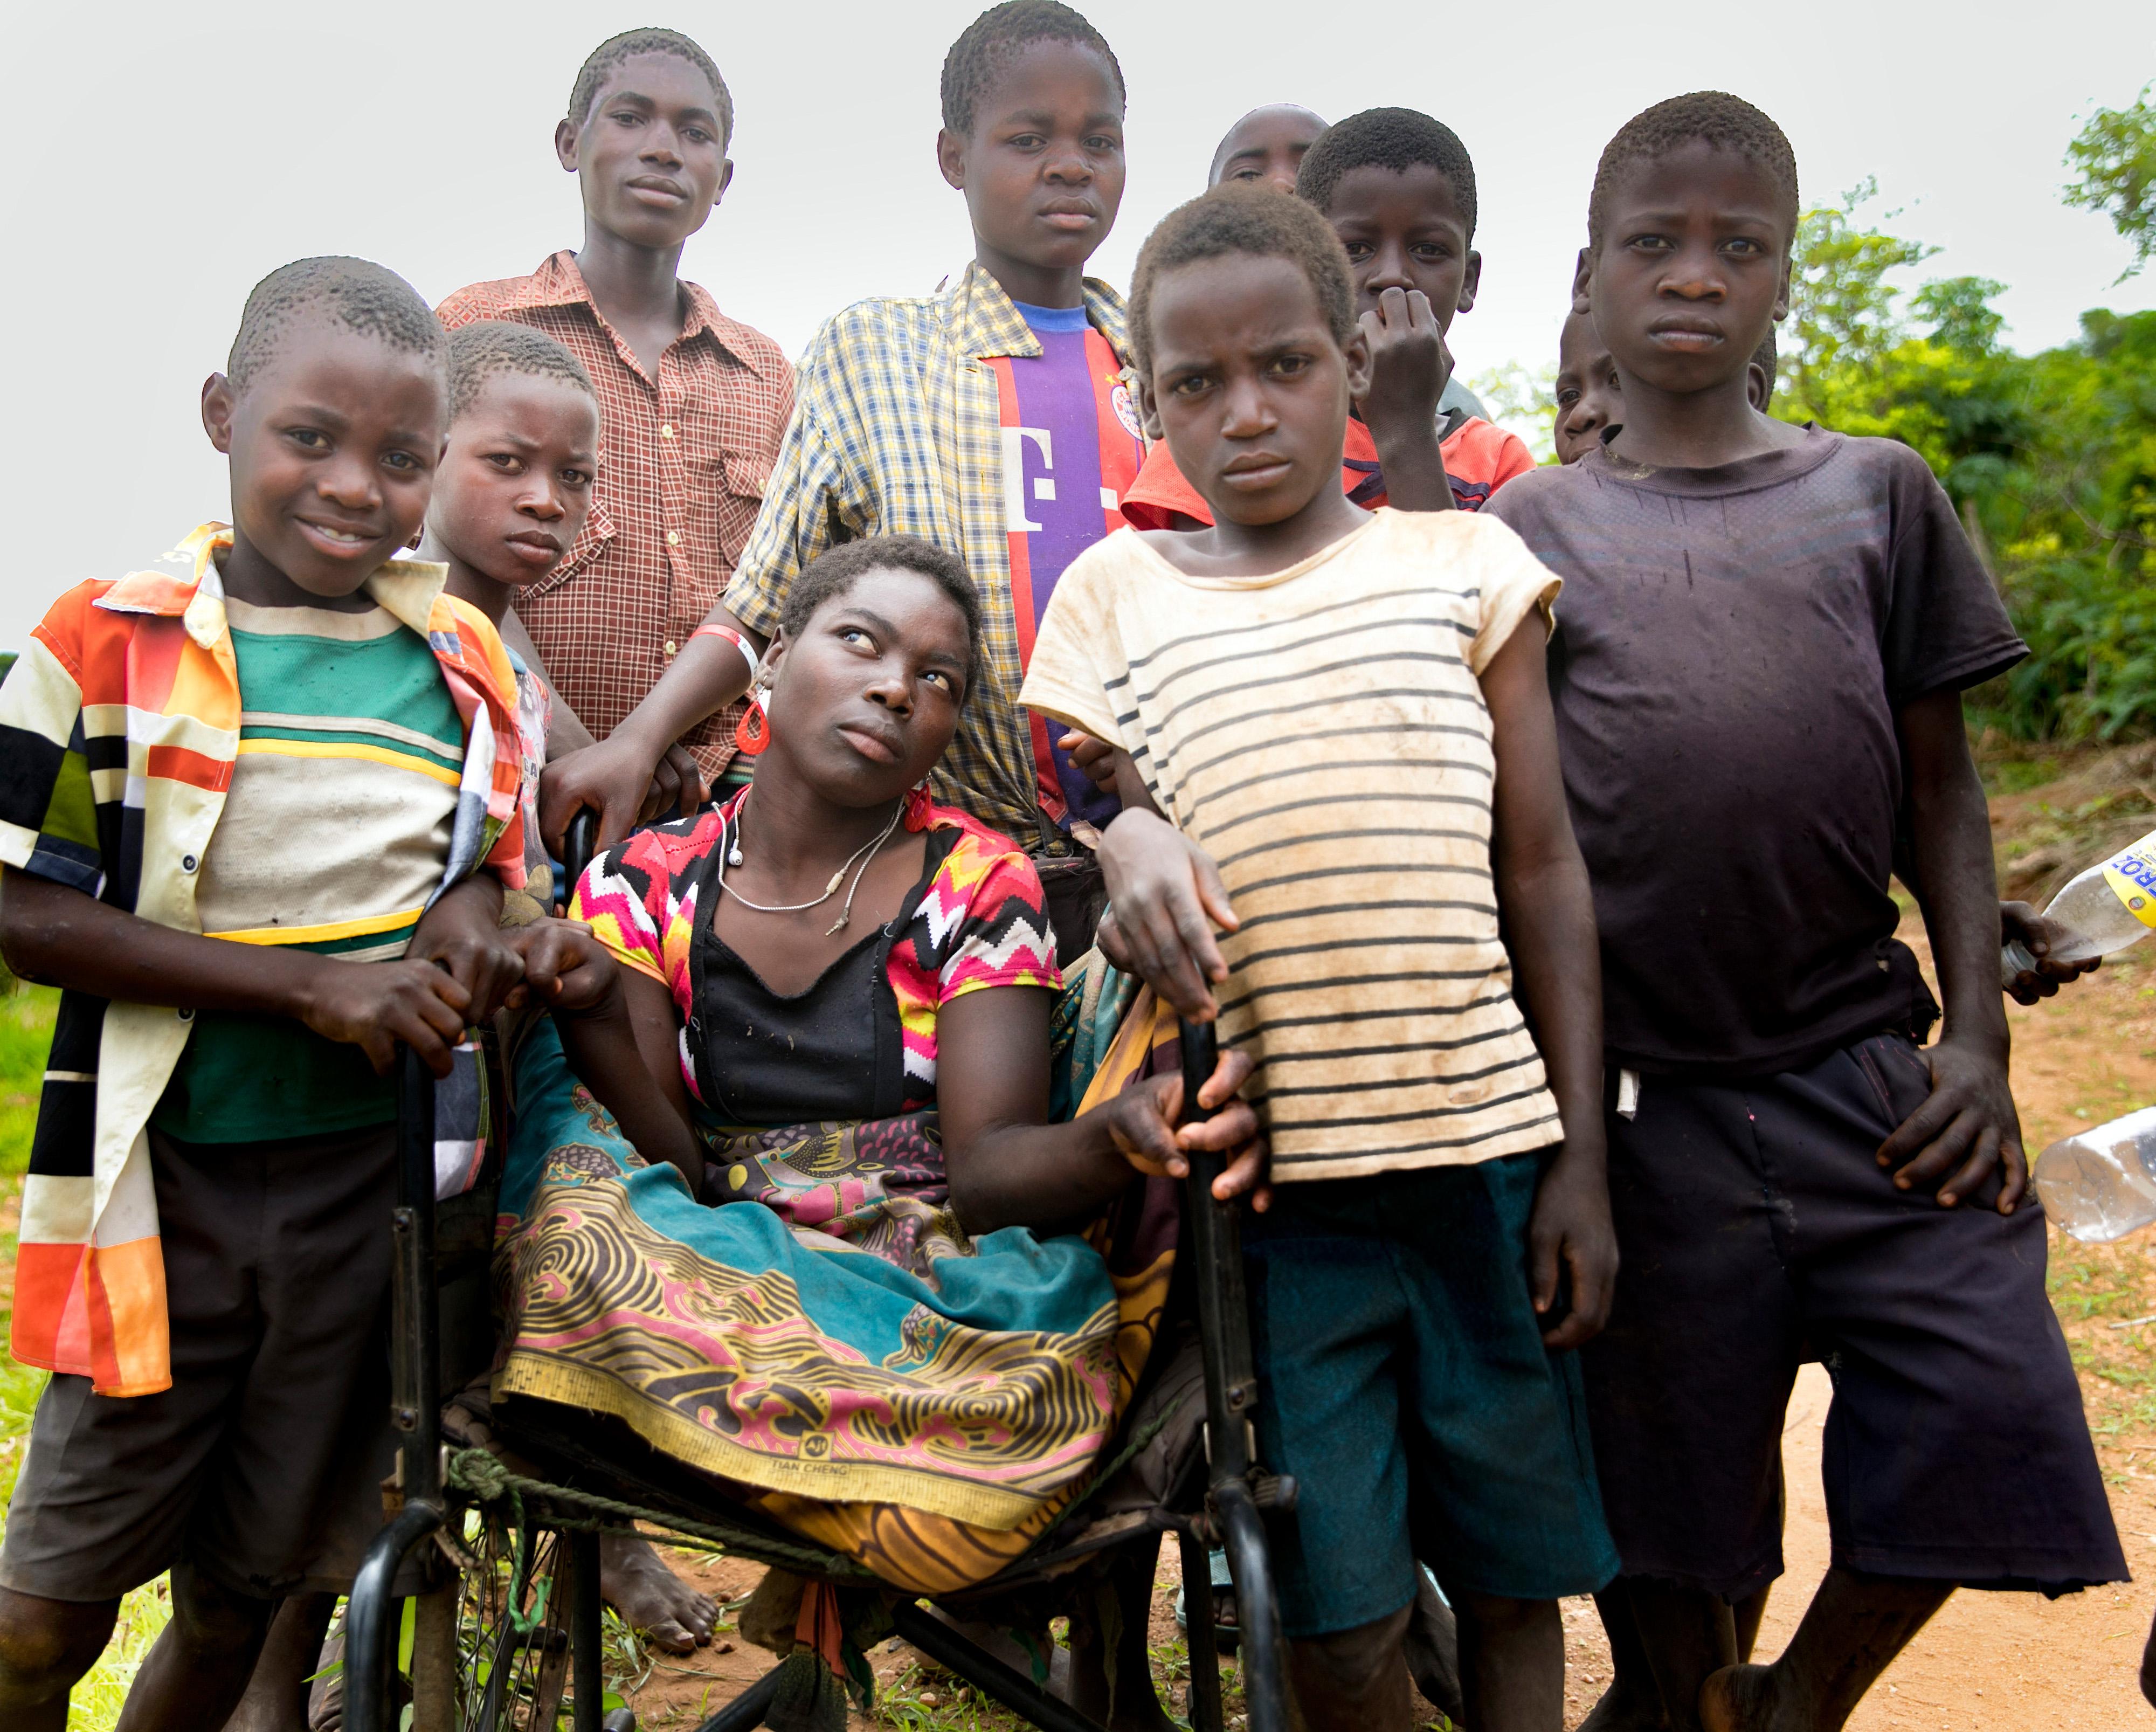 Junge Frau aus Malawi im Rollstuhl, umringt von Freunden